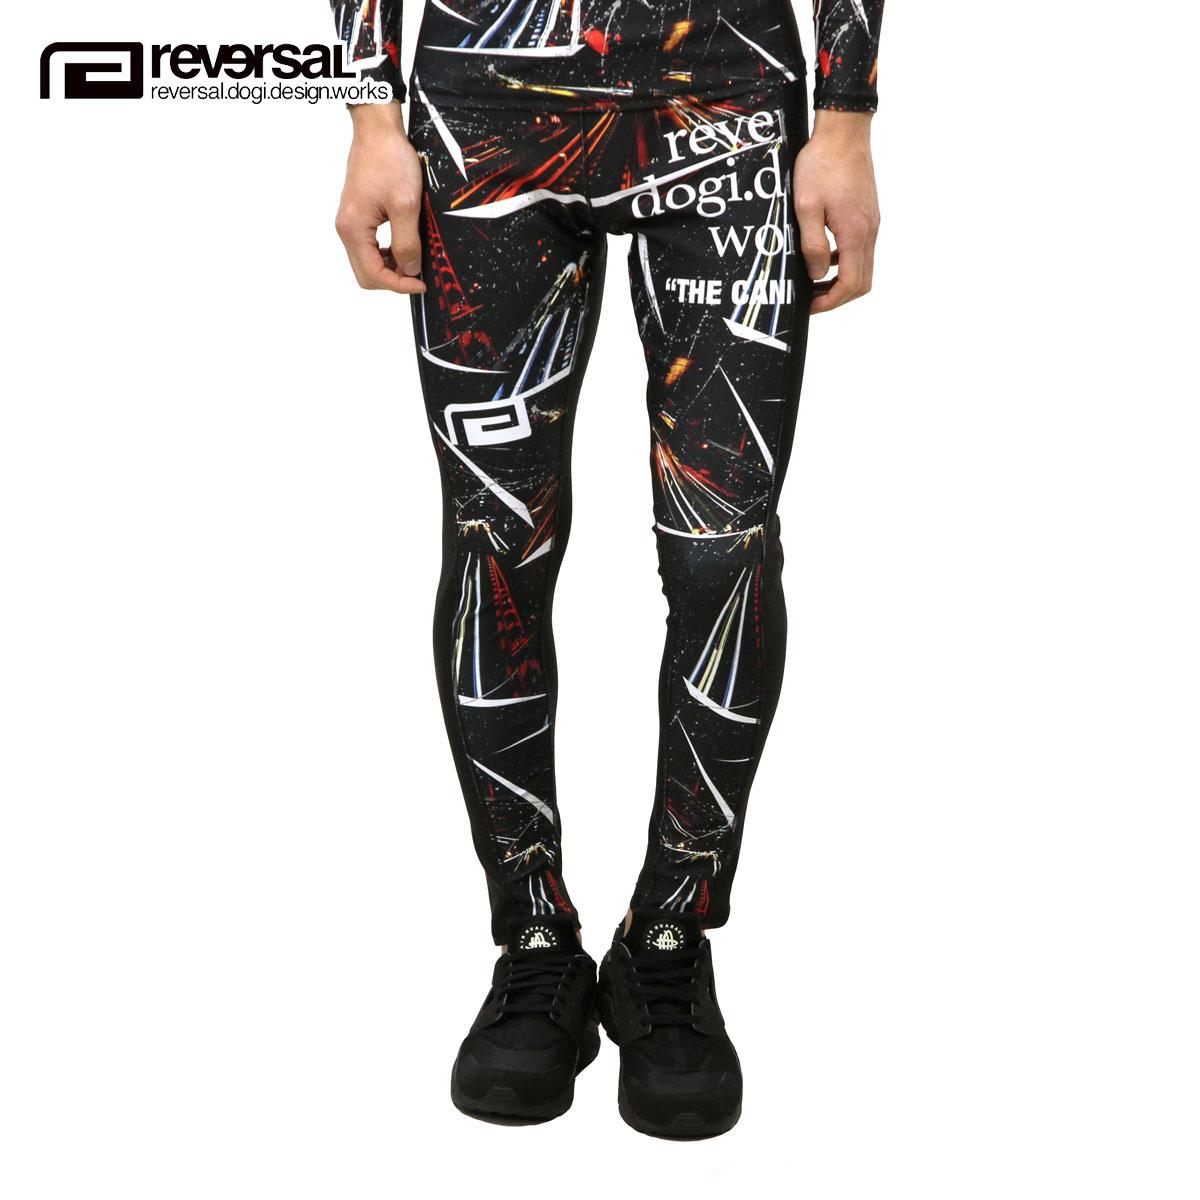 リバーサル REVERSAL 正規販売店 メンズ スパッツ NIGHT RACE LONG SPATS rv17aw034 BLACK